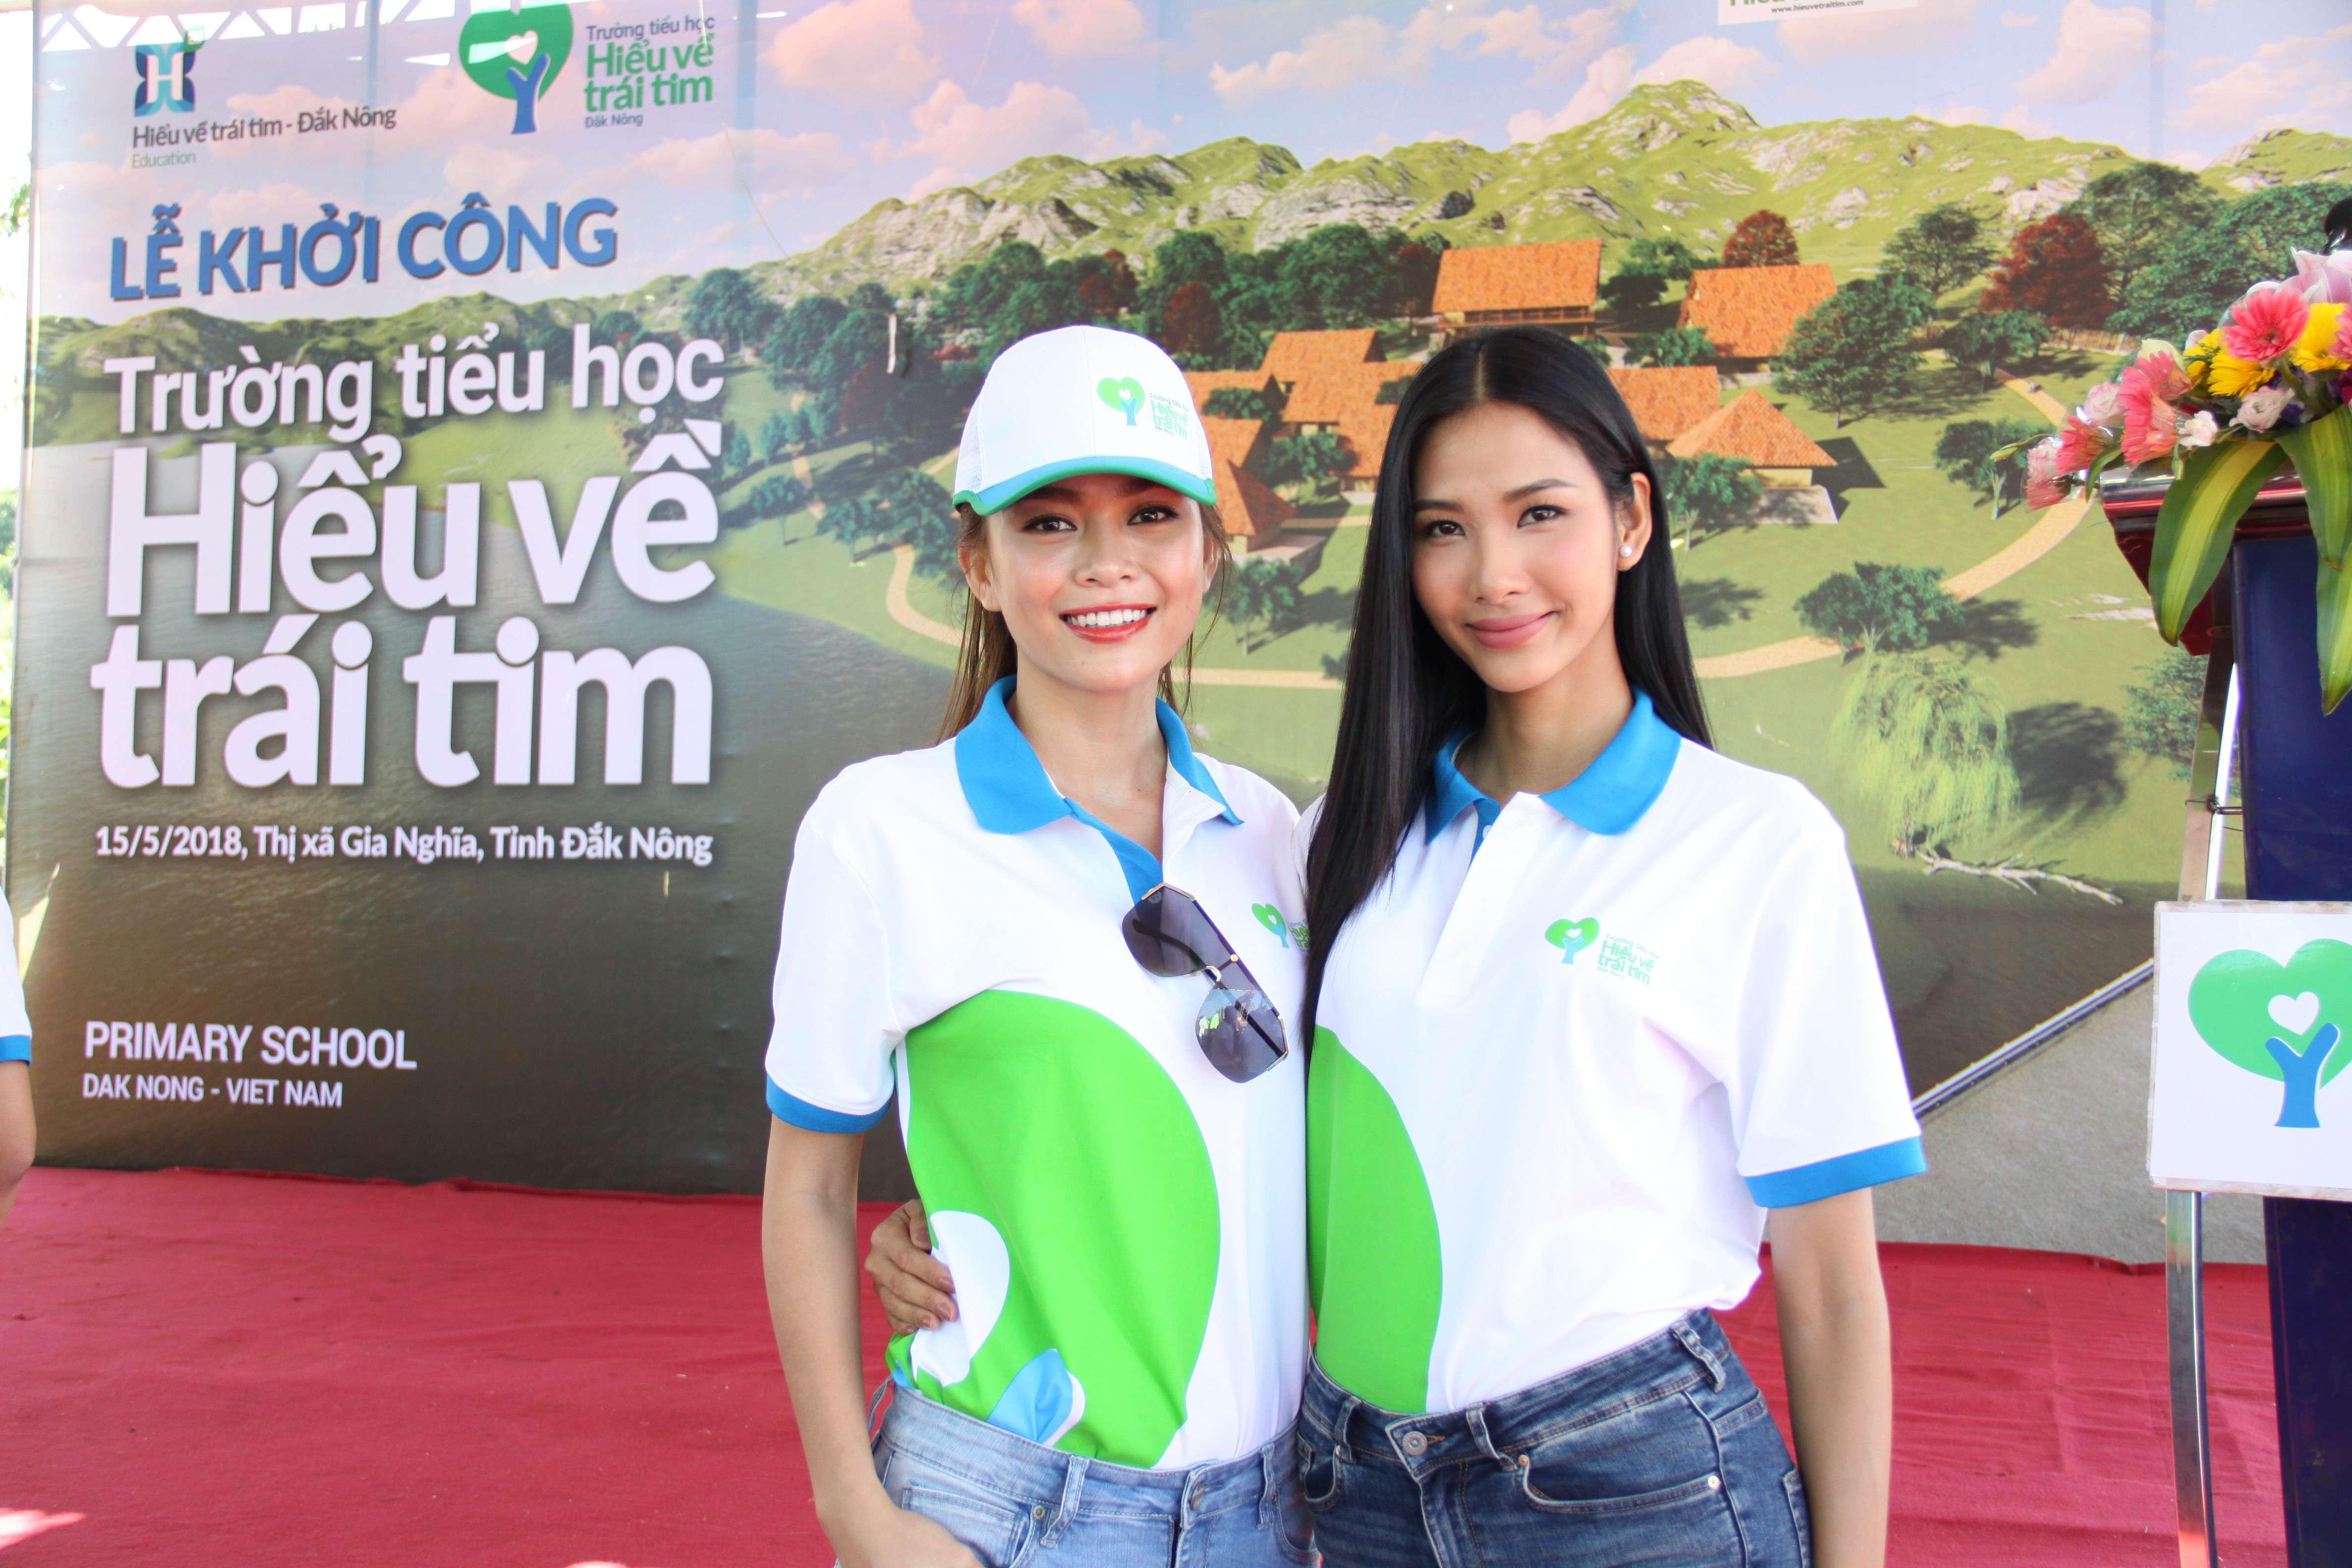 Top 3 <em>Hoa hậu Hoàn vũ Việt Nam</em> tích cực tham gia các hoạt động vì cộng đồng.